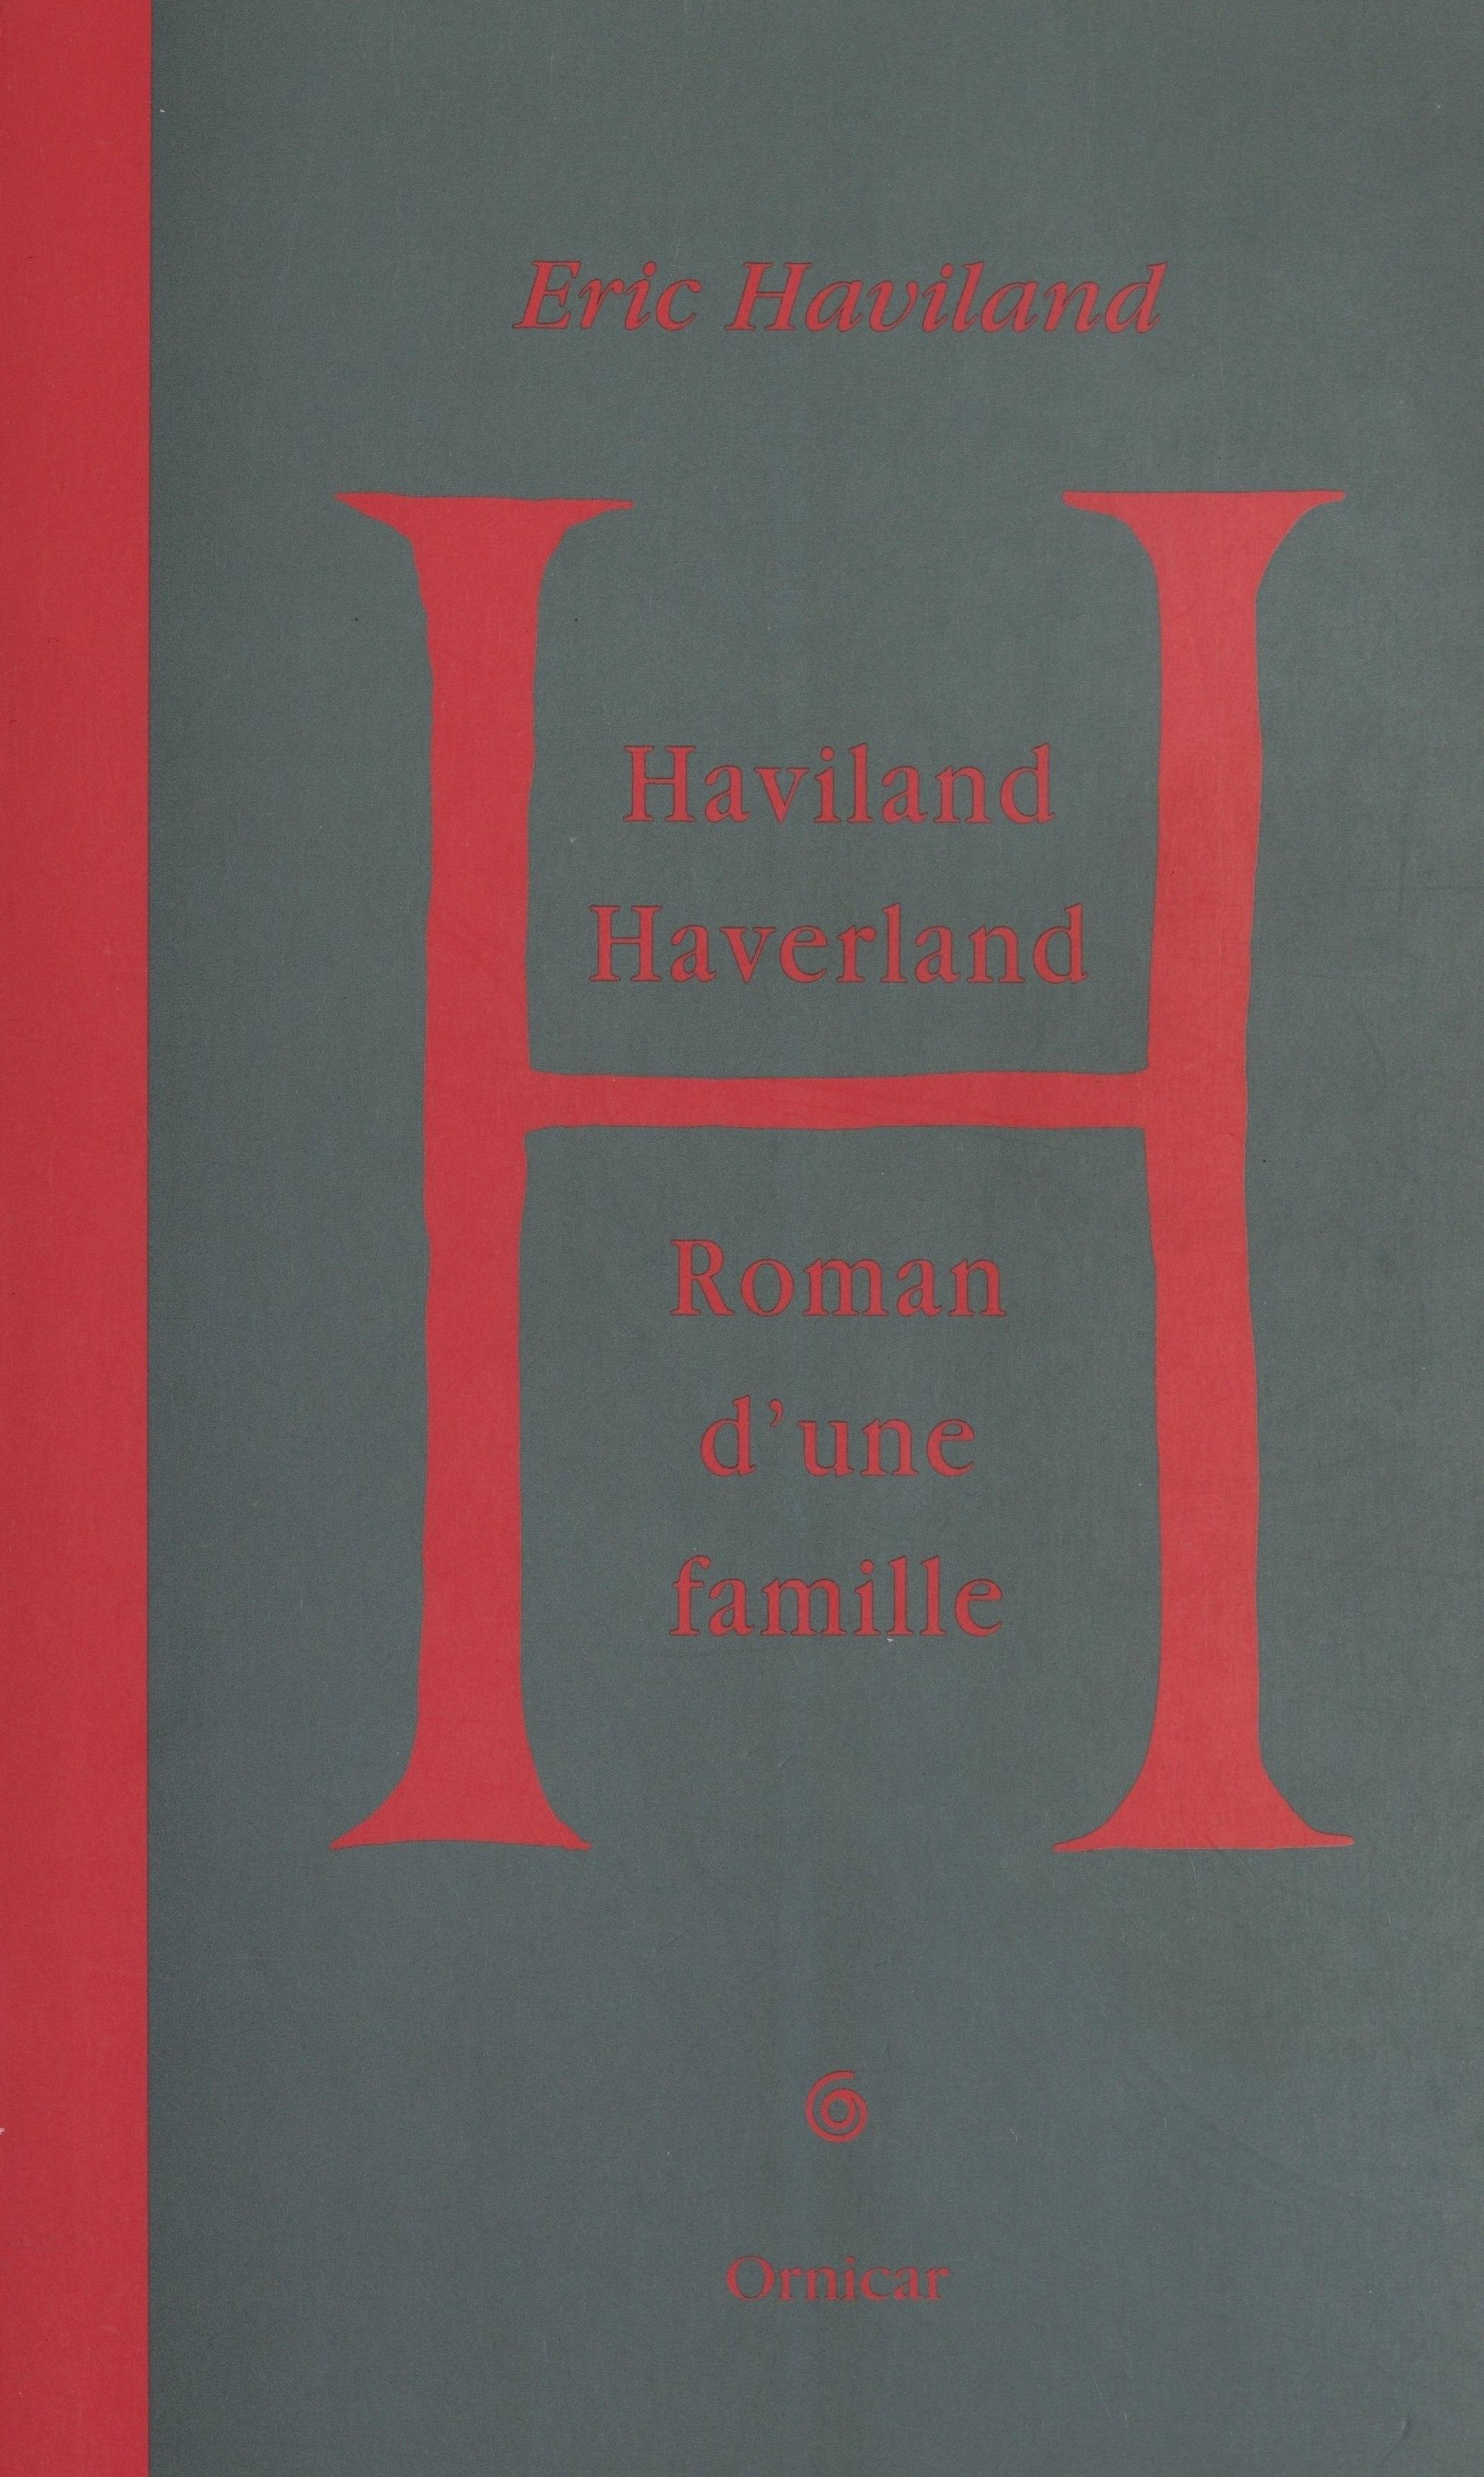 Haviland, Haverland : roman d'une famille (1)